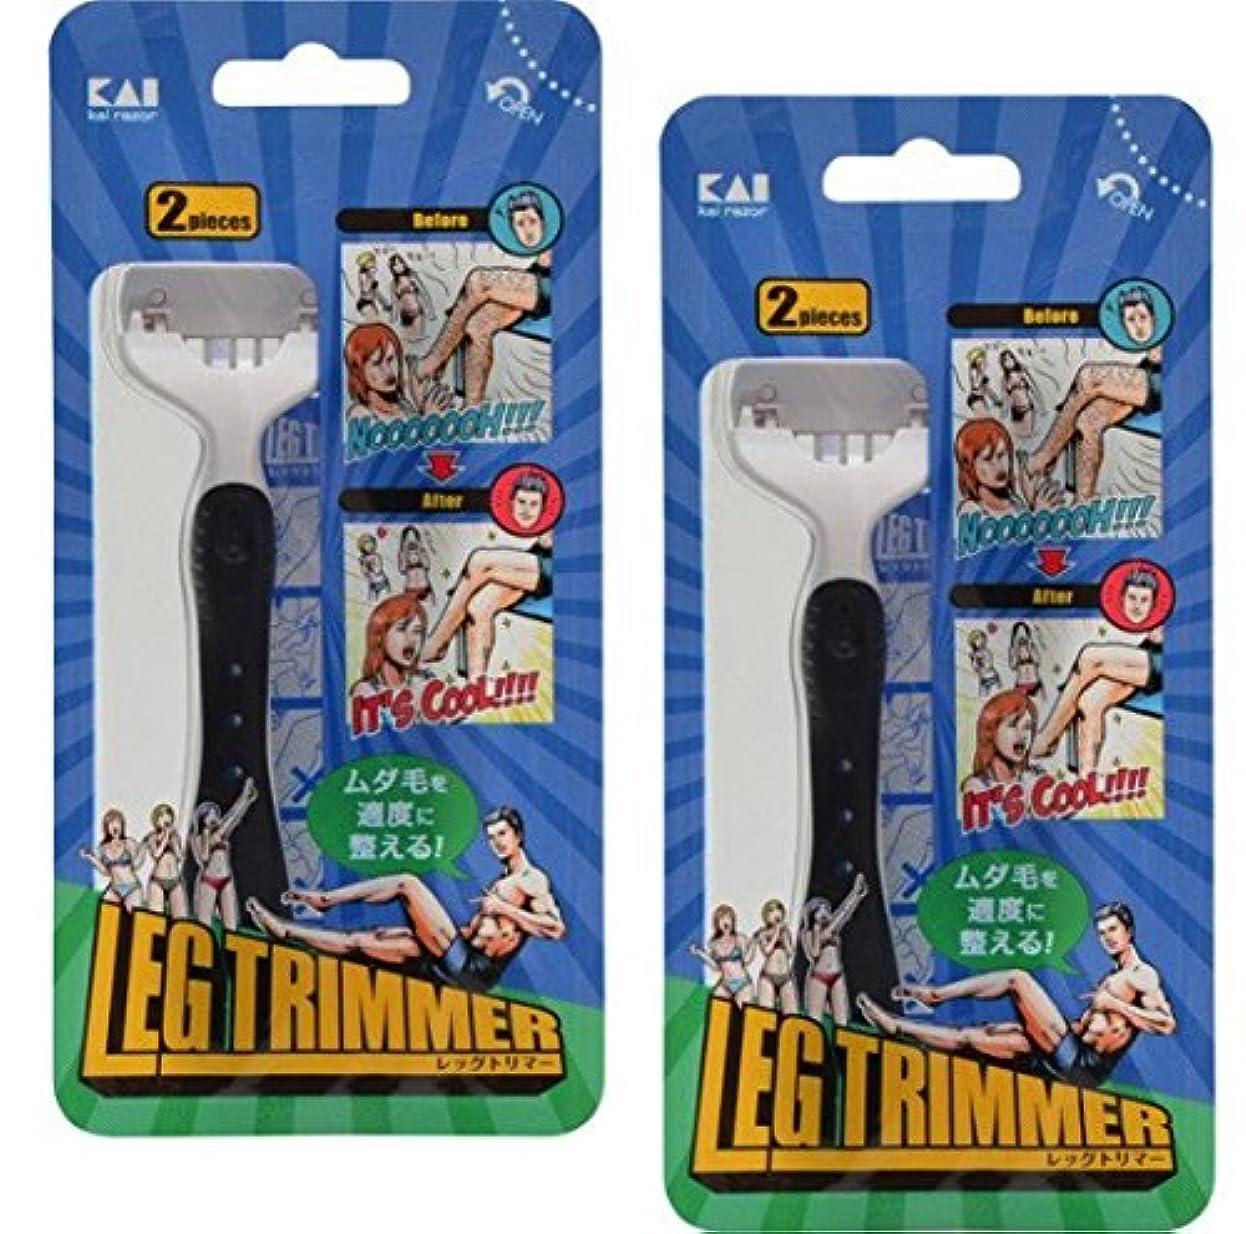 従う投げる抗議LEG TRIMMER レッグトリマー (むだ毛を適度に整えるカミソリ)2本入 2セット